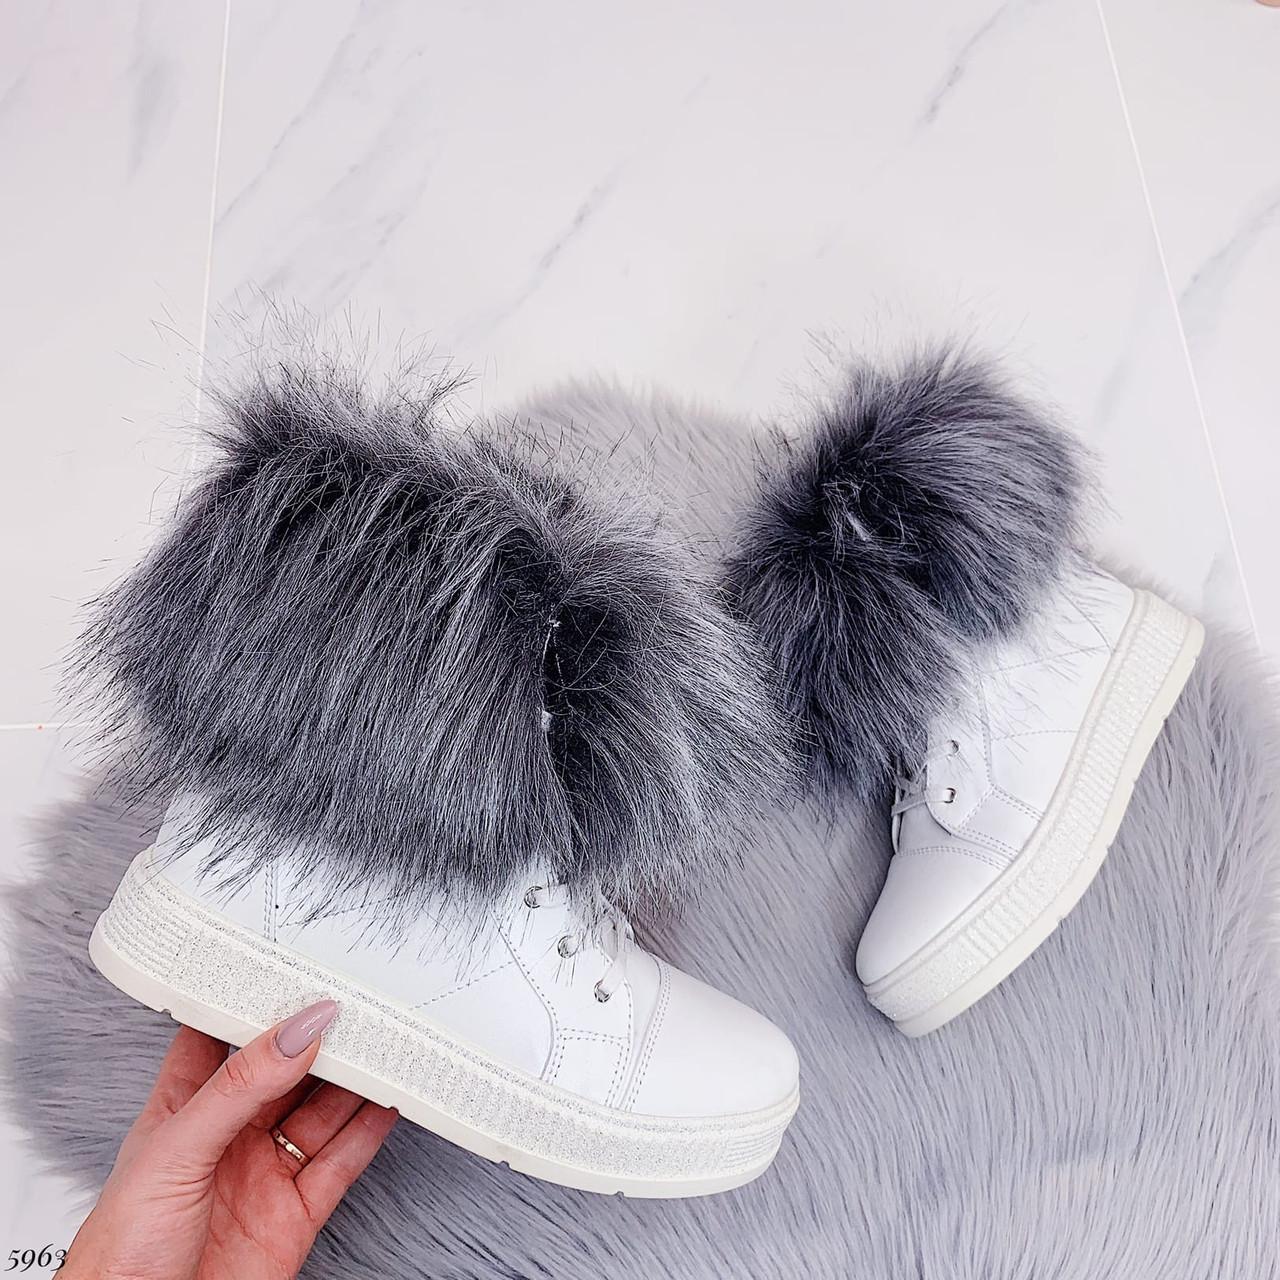 38 р. Ботинки женские зимние белые кожаные на толстой подошве платформе из натуральной кожи натуральная кожа